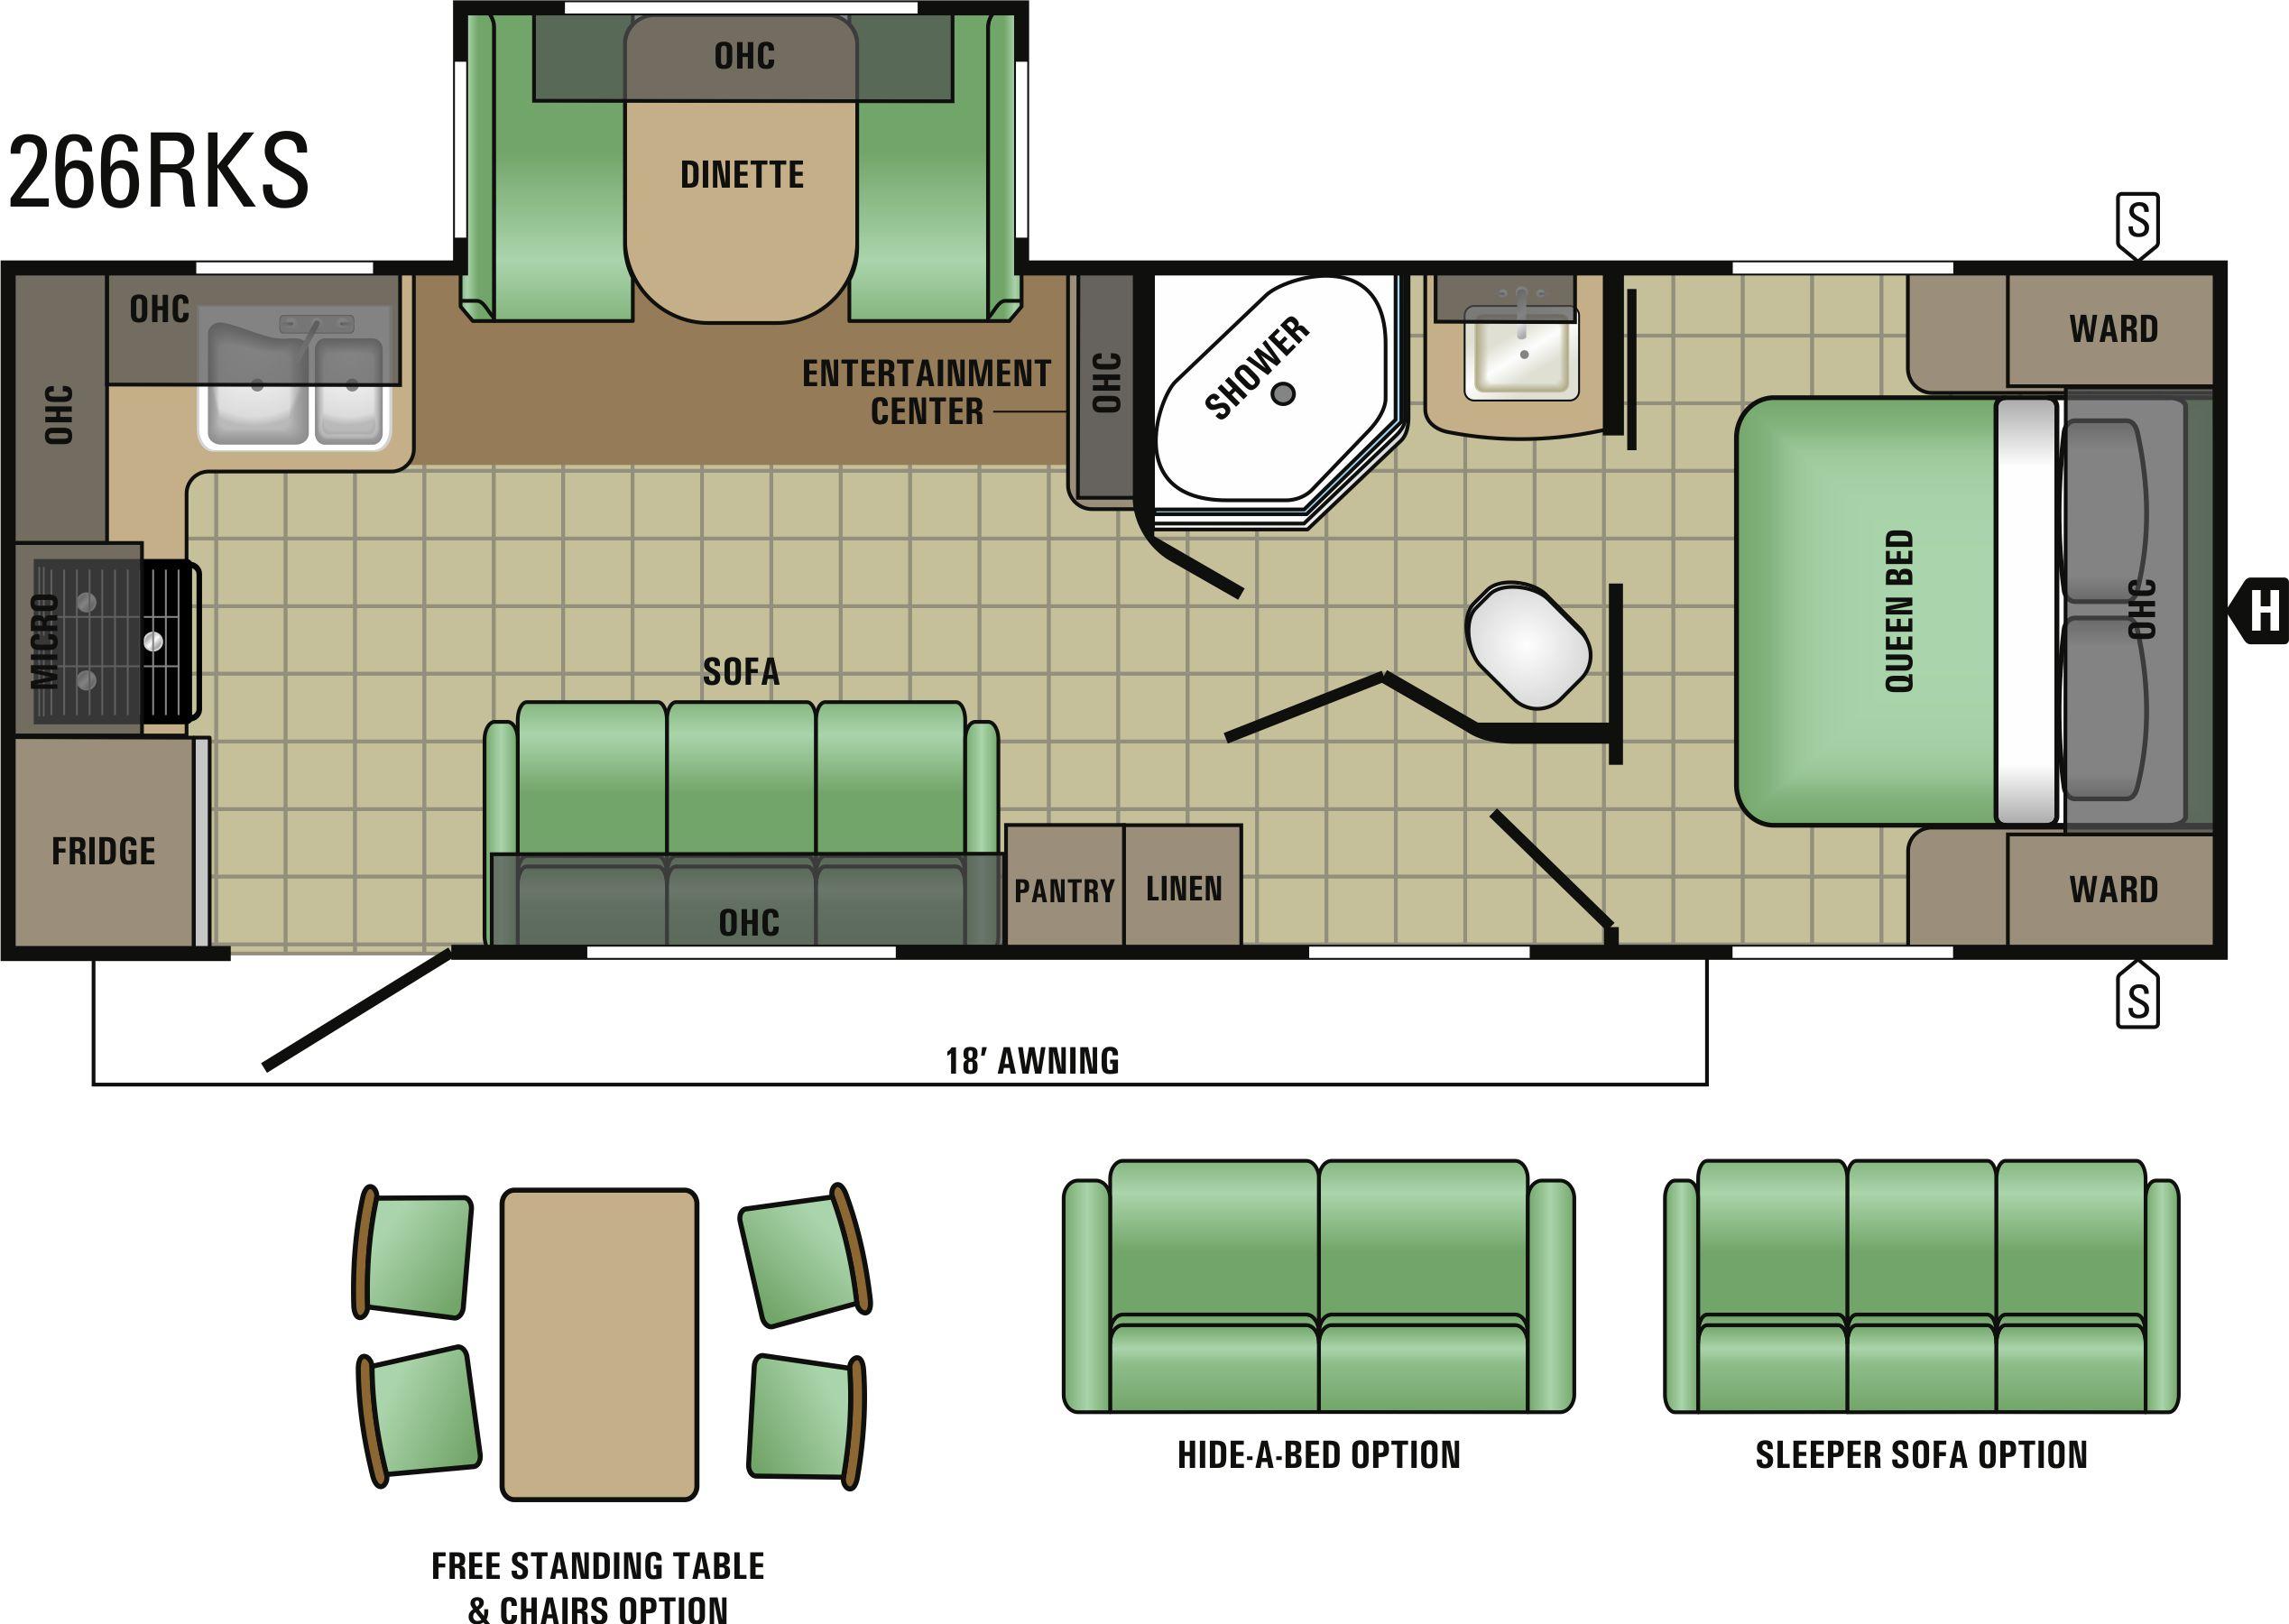 266RKS Floorplan